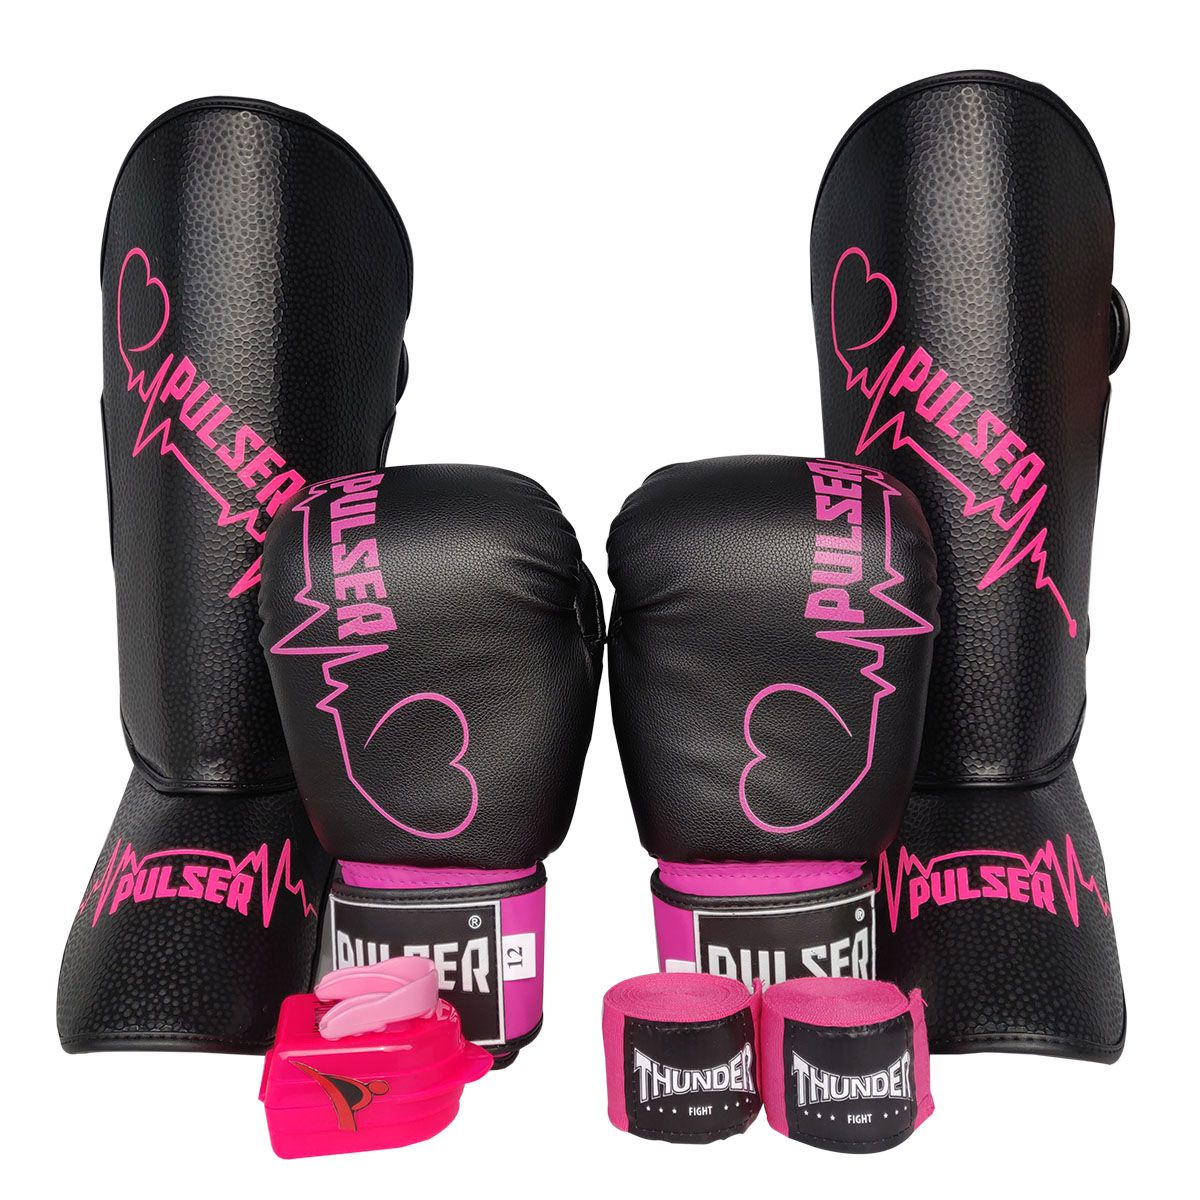 Kit de Muay Thai / Kickboxing Feminino 12oz - Preto com Rosa Coração - Pulser  - PRALUTA SHOP